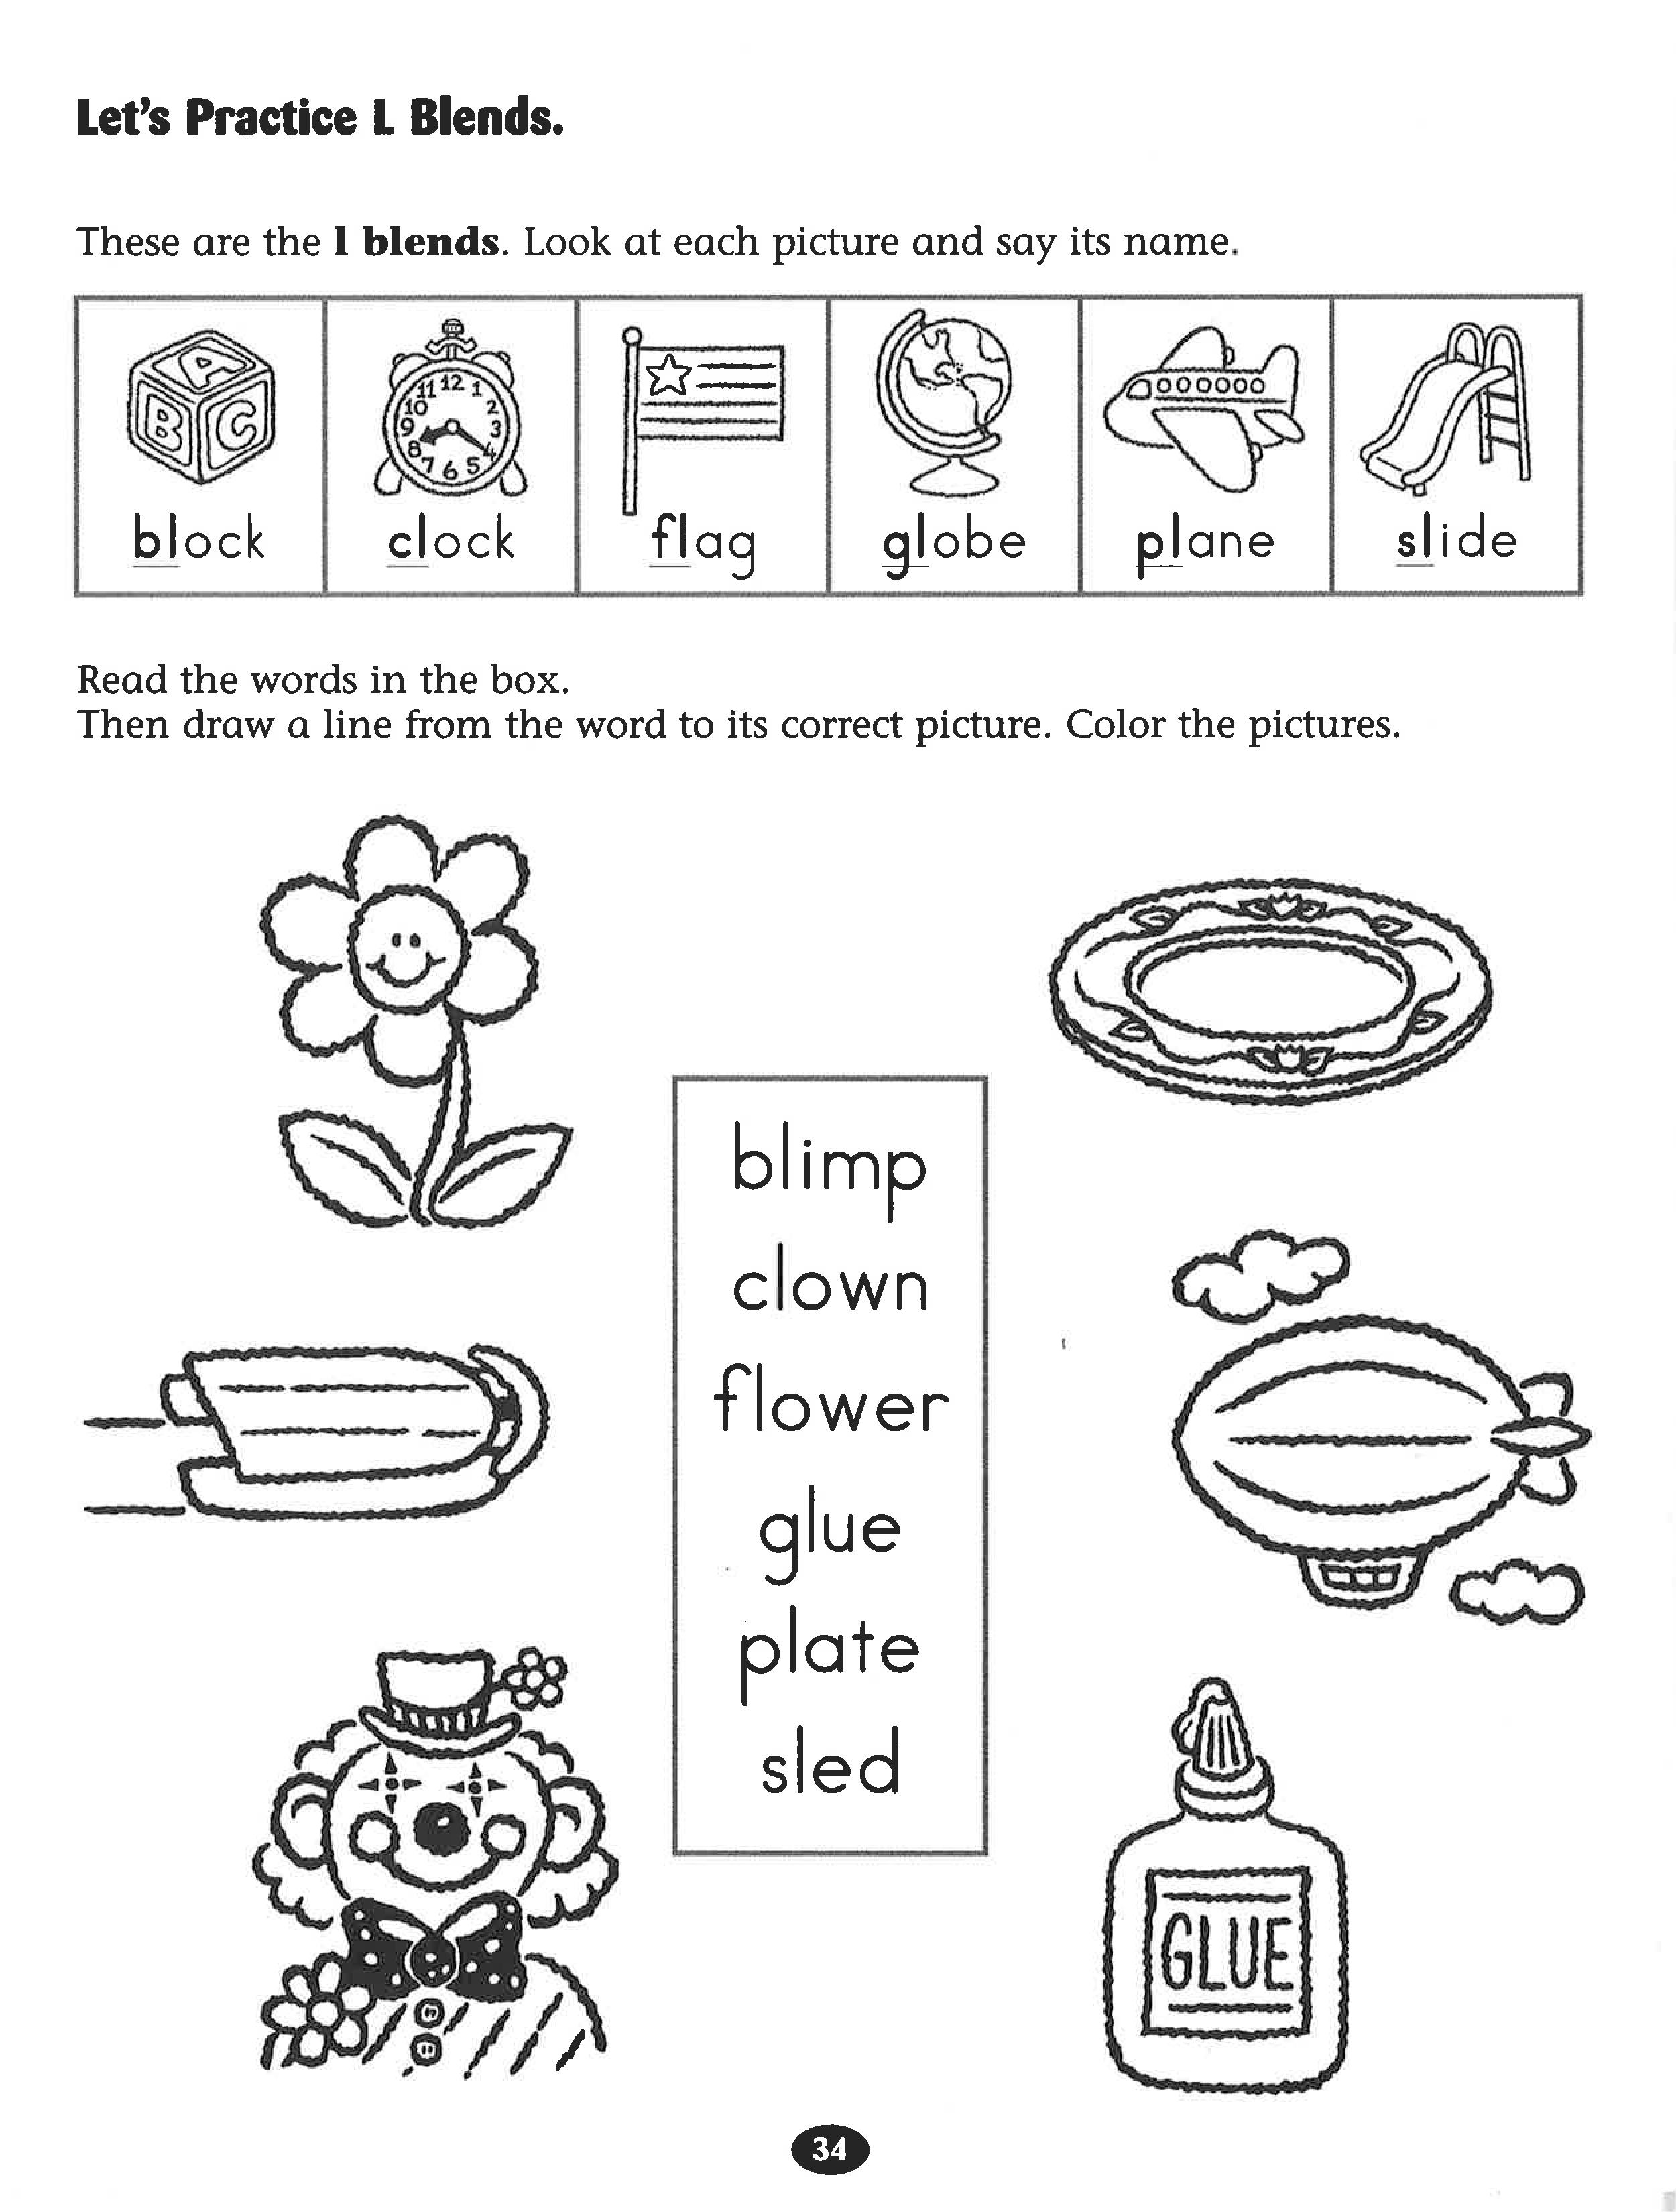 Let S Practice L Blends Worksheet Kindergarten Worksheets Blends Worksheets L Blends [ 3300 x 2500 Pixel ]